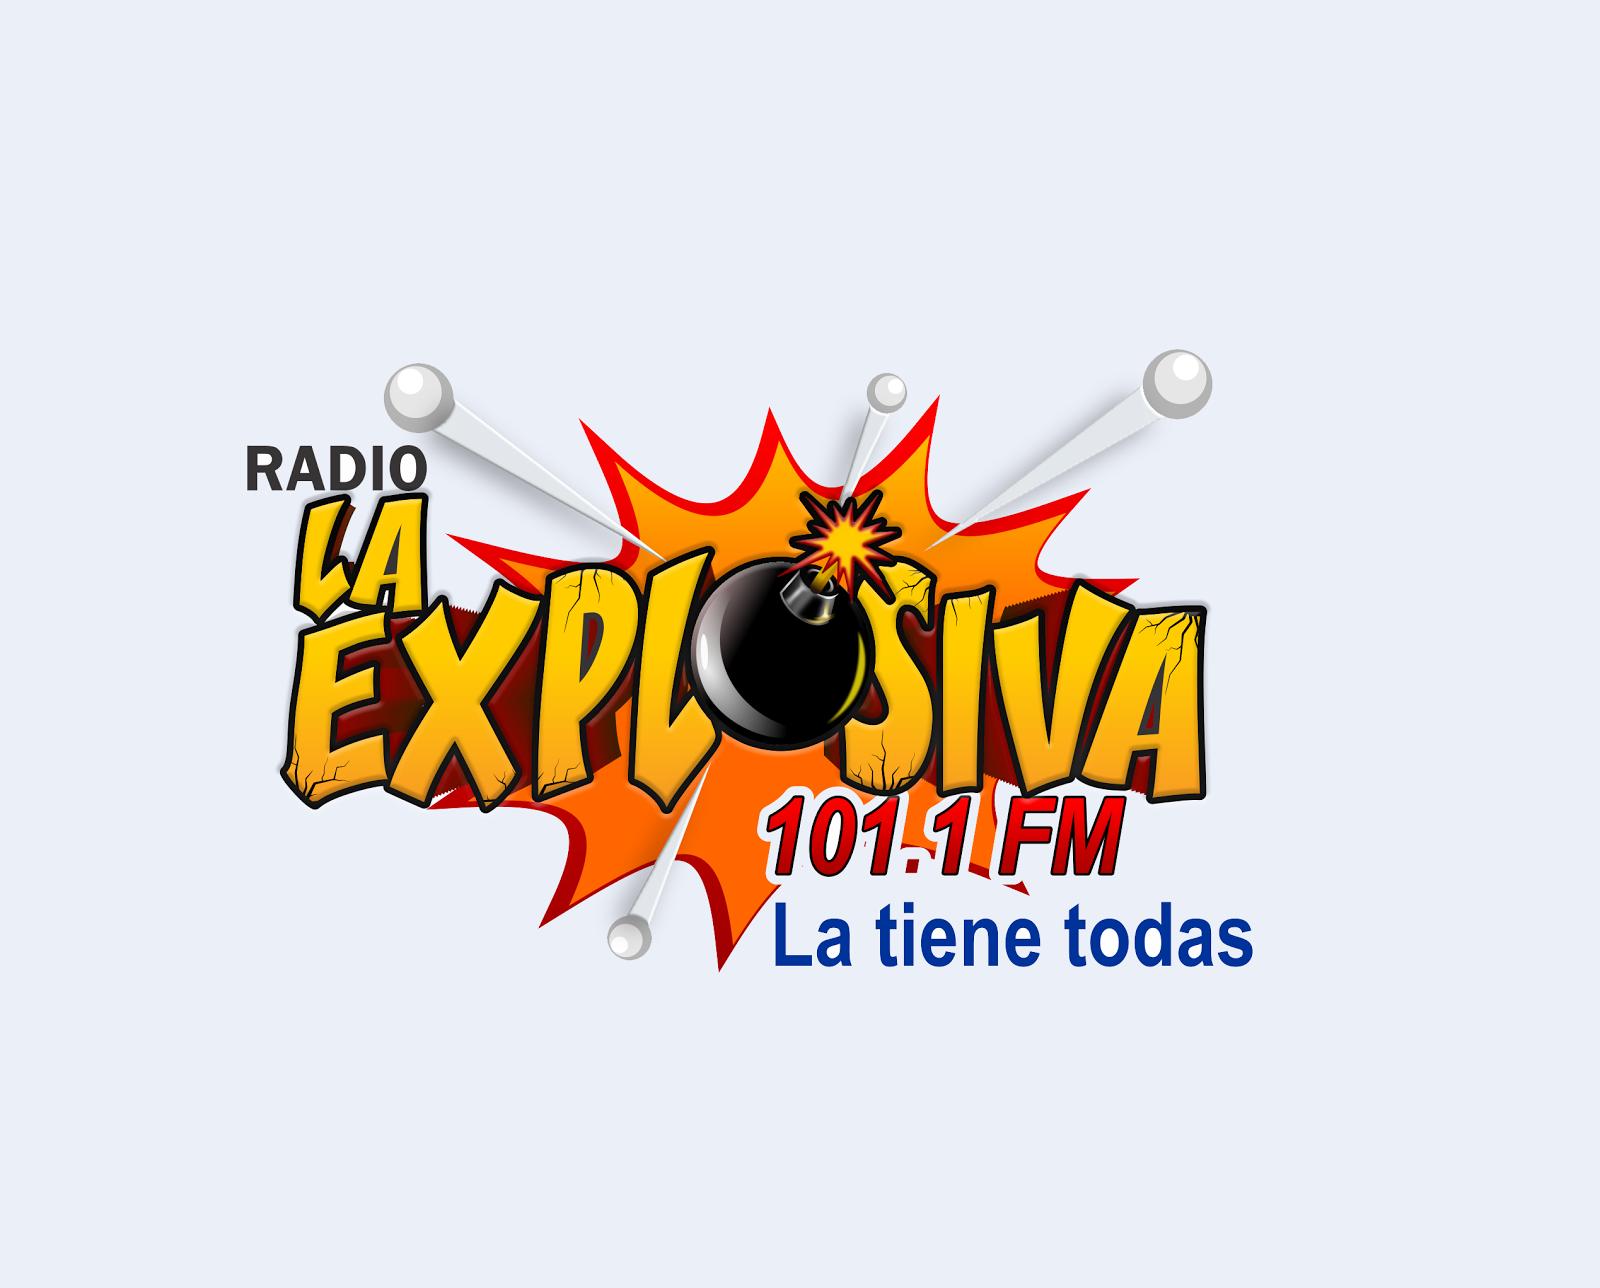 Radio La Explosiva 101.1Fm  EN VIVO